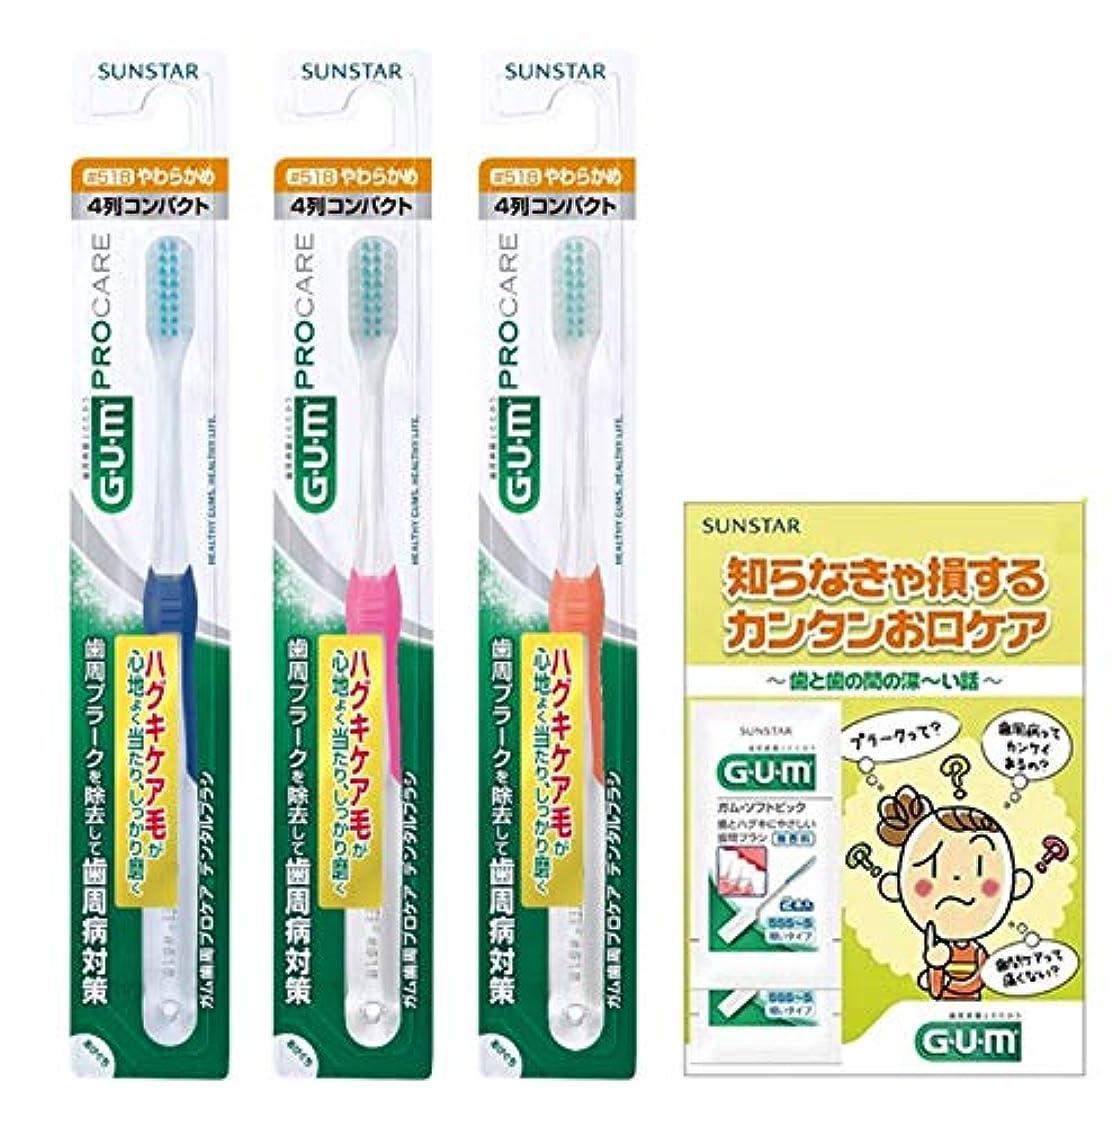 GUM(ガム) 歯周プロケア ハブラシ #518 [4列コンパクトヘッド?やわらかめ] 3本パック+おまけ付き